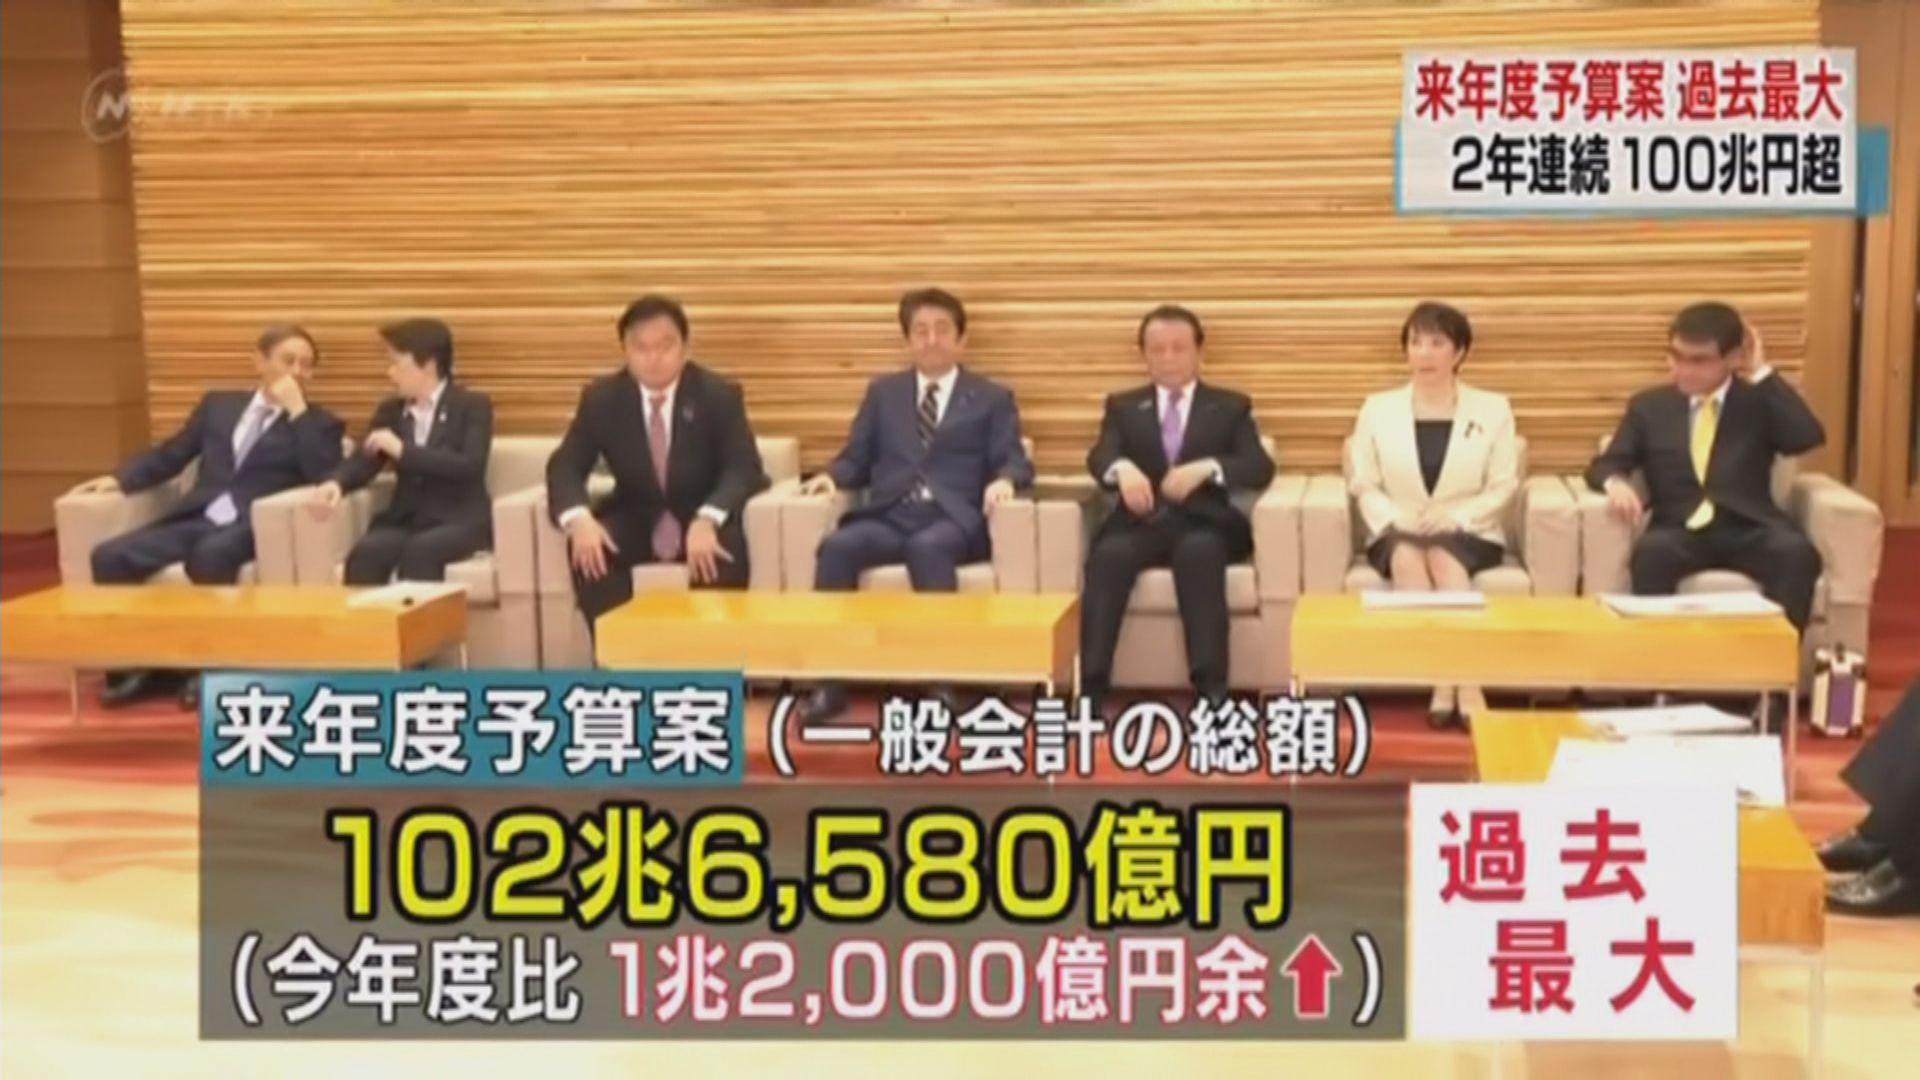 日本明年防衛開支再創新高